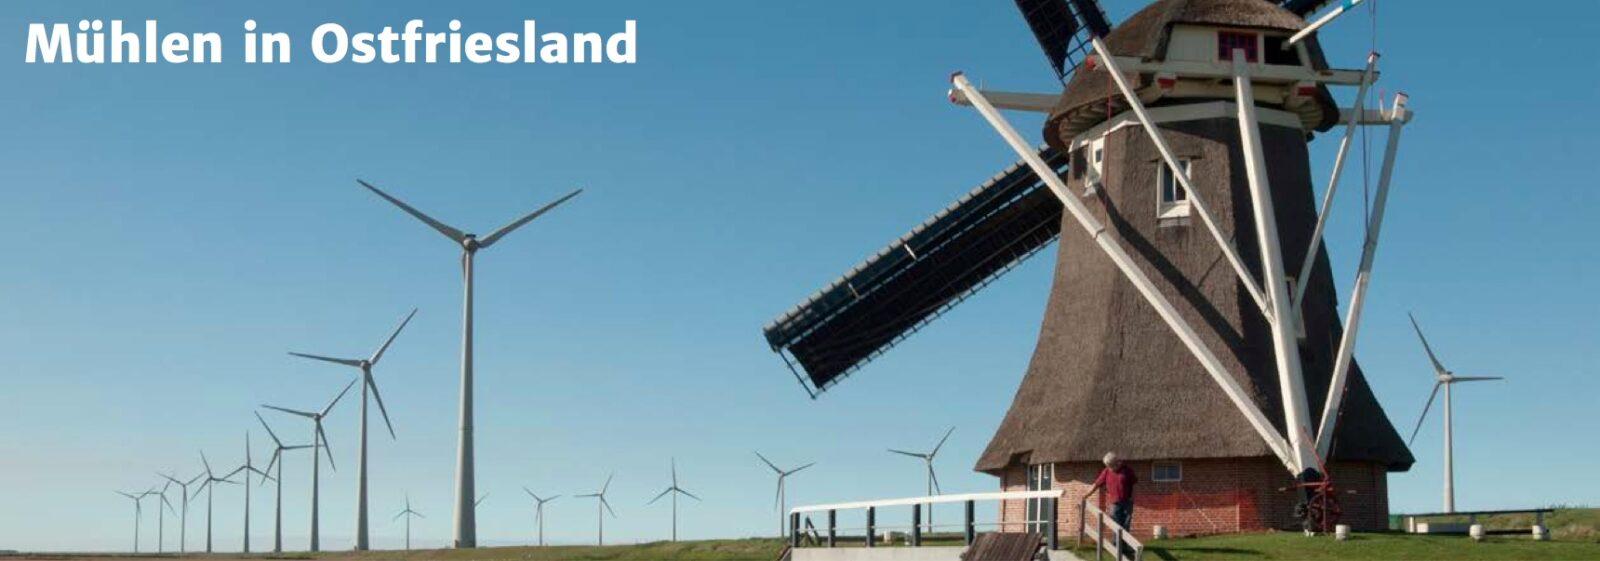 Mühlen in Ostfriesland